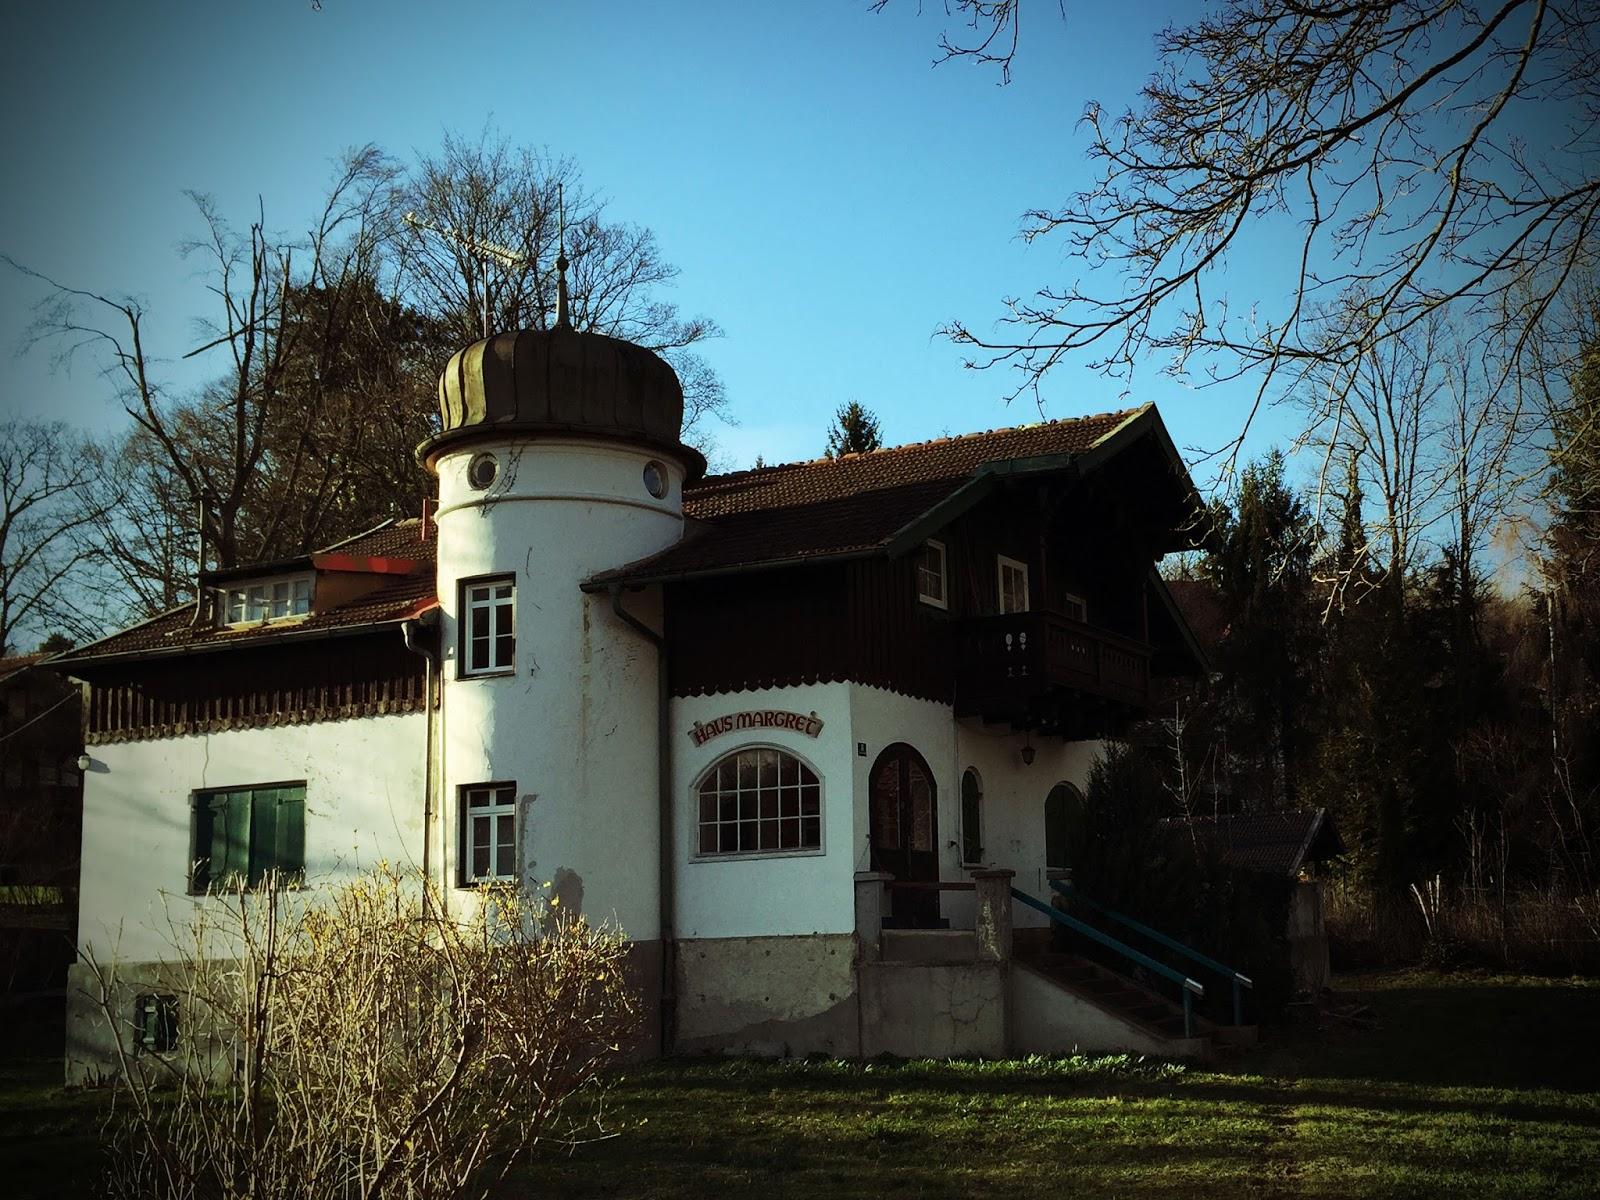 Villa Margret in Schondorf